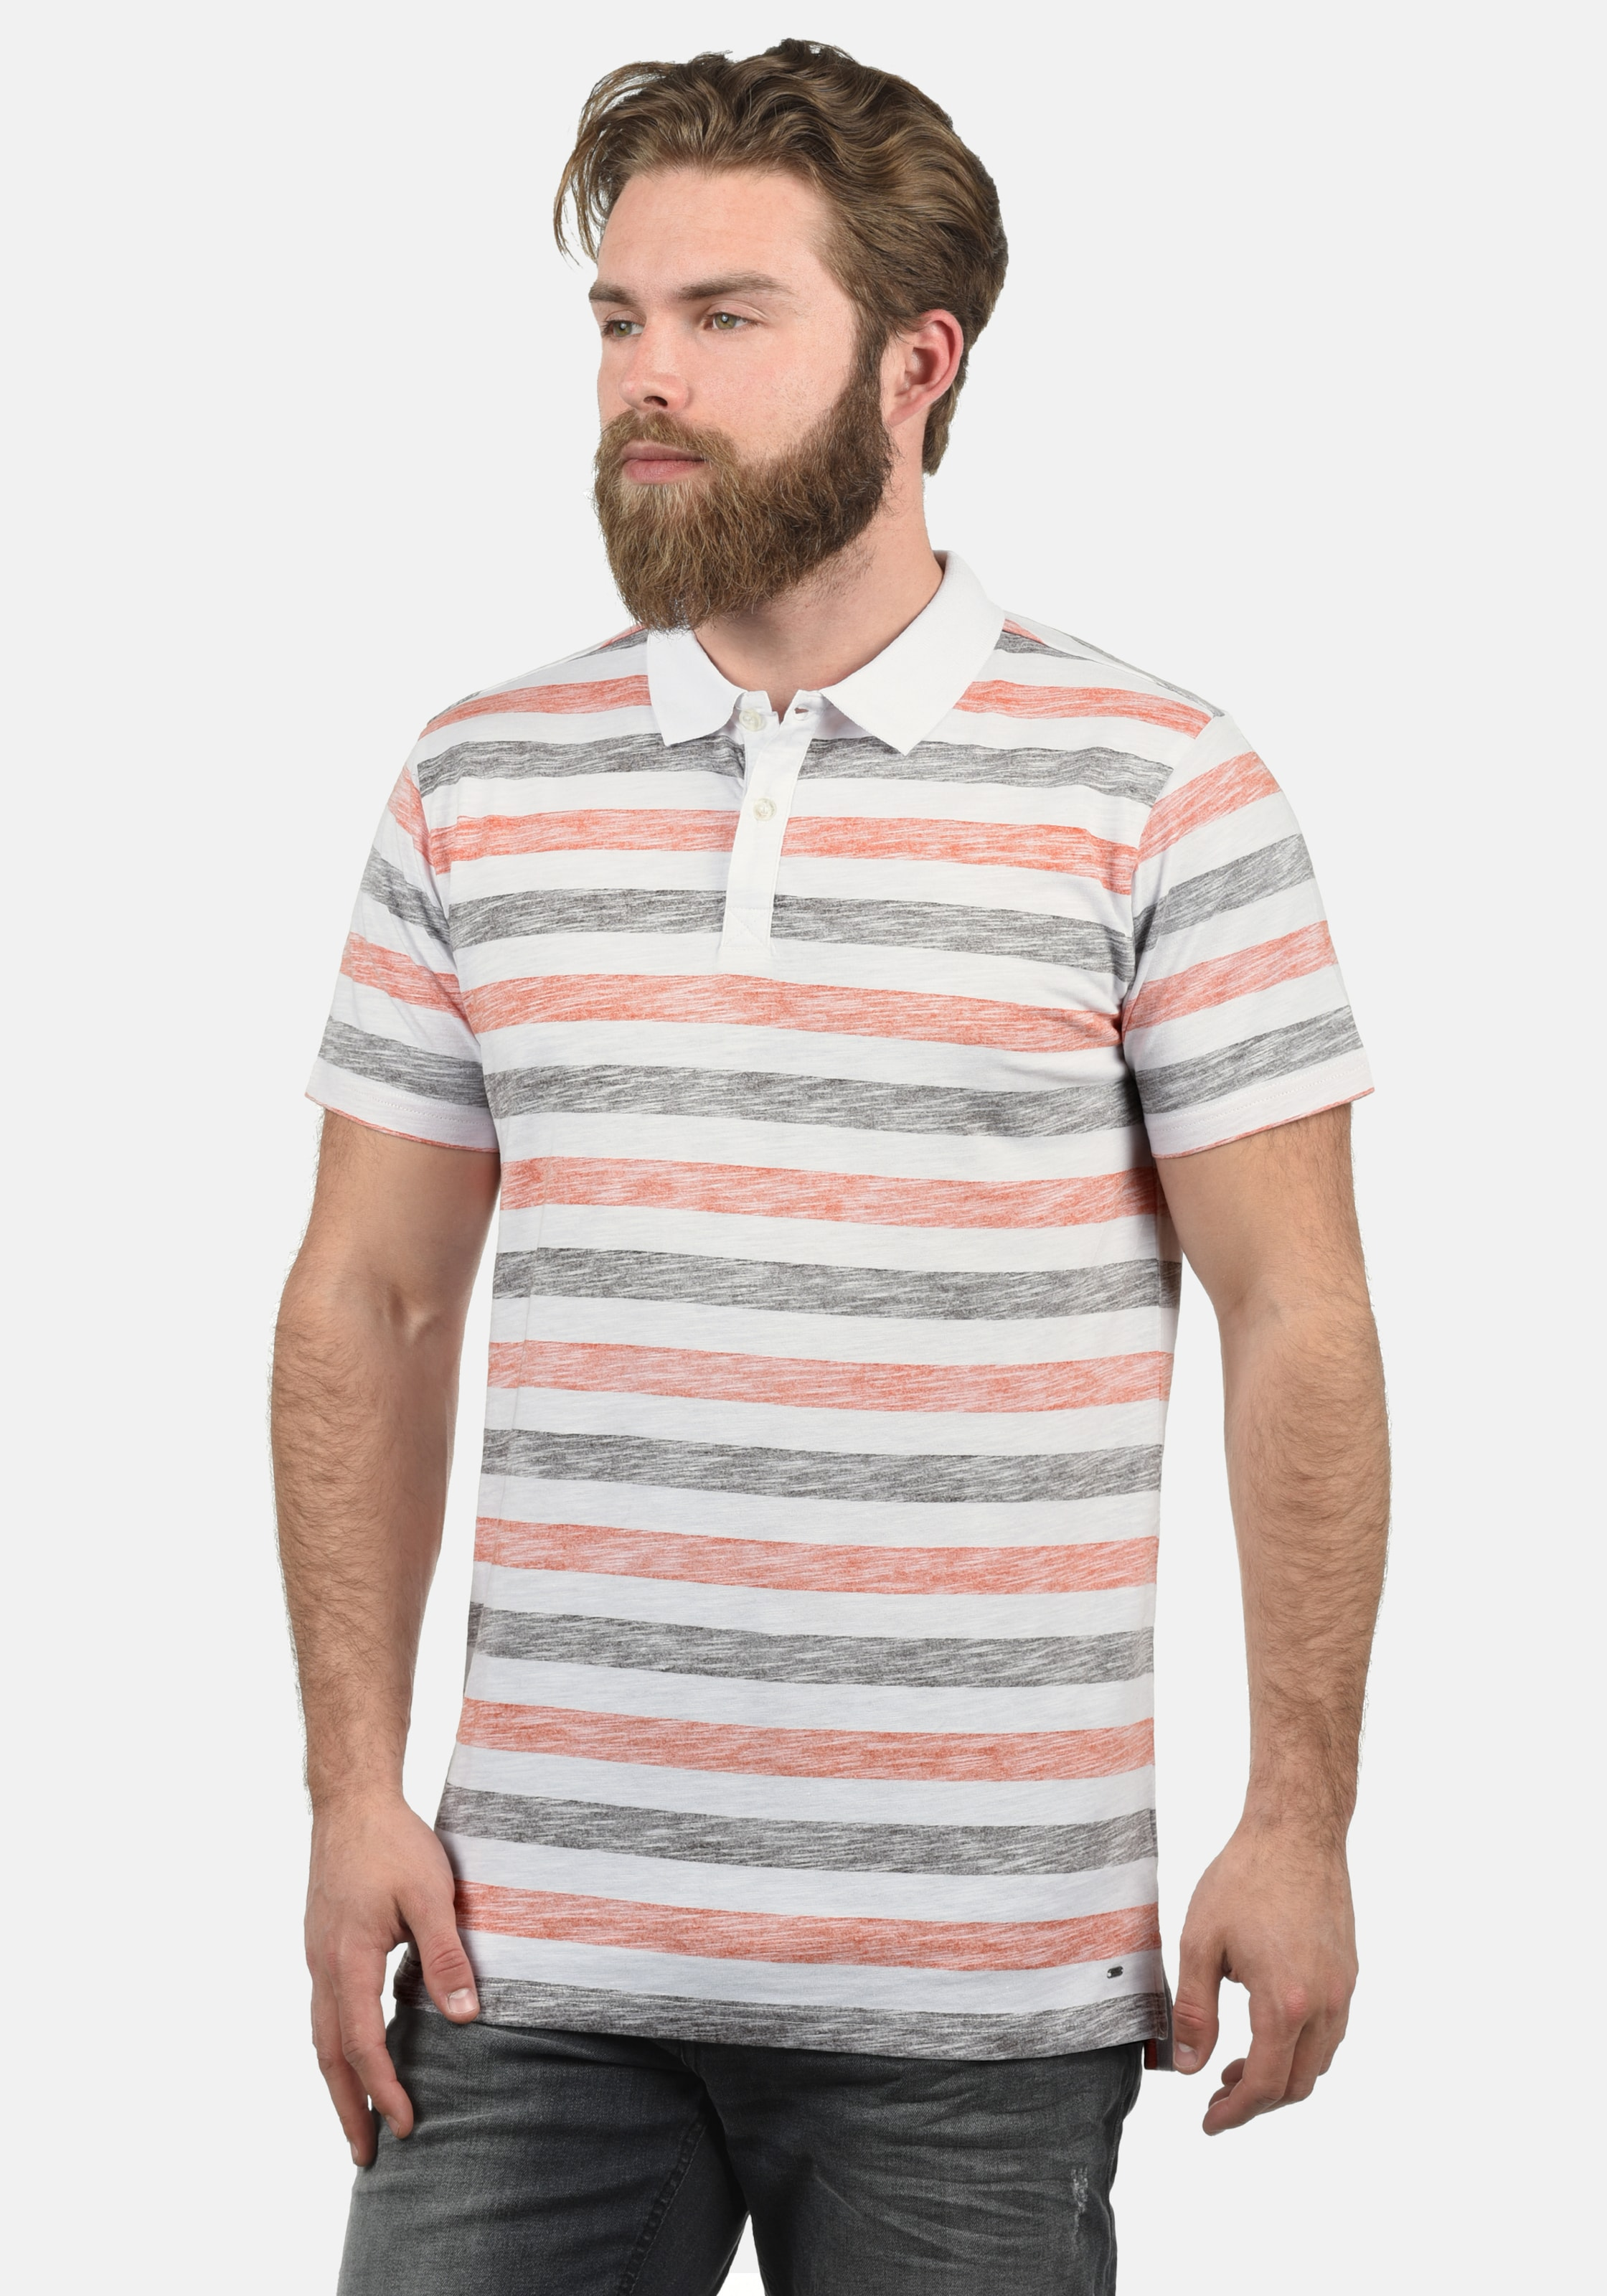 !Solid Poloshirt 'Teto' in grau / orange / weiß Polokragen ART113860-004